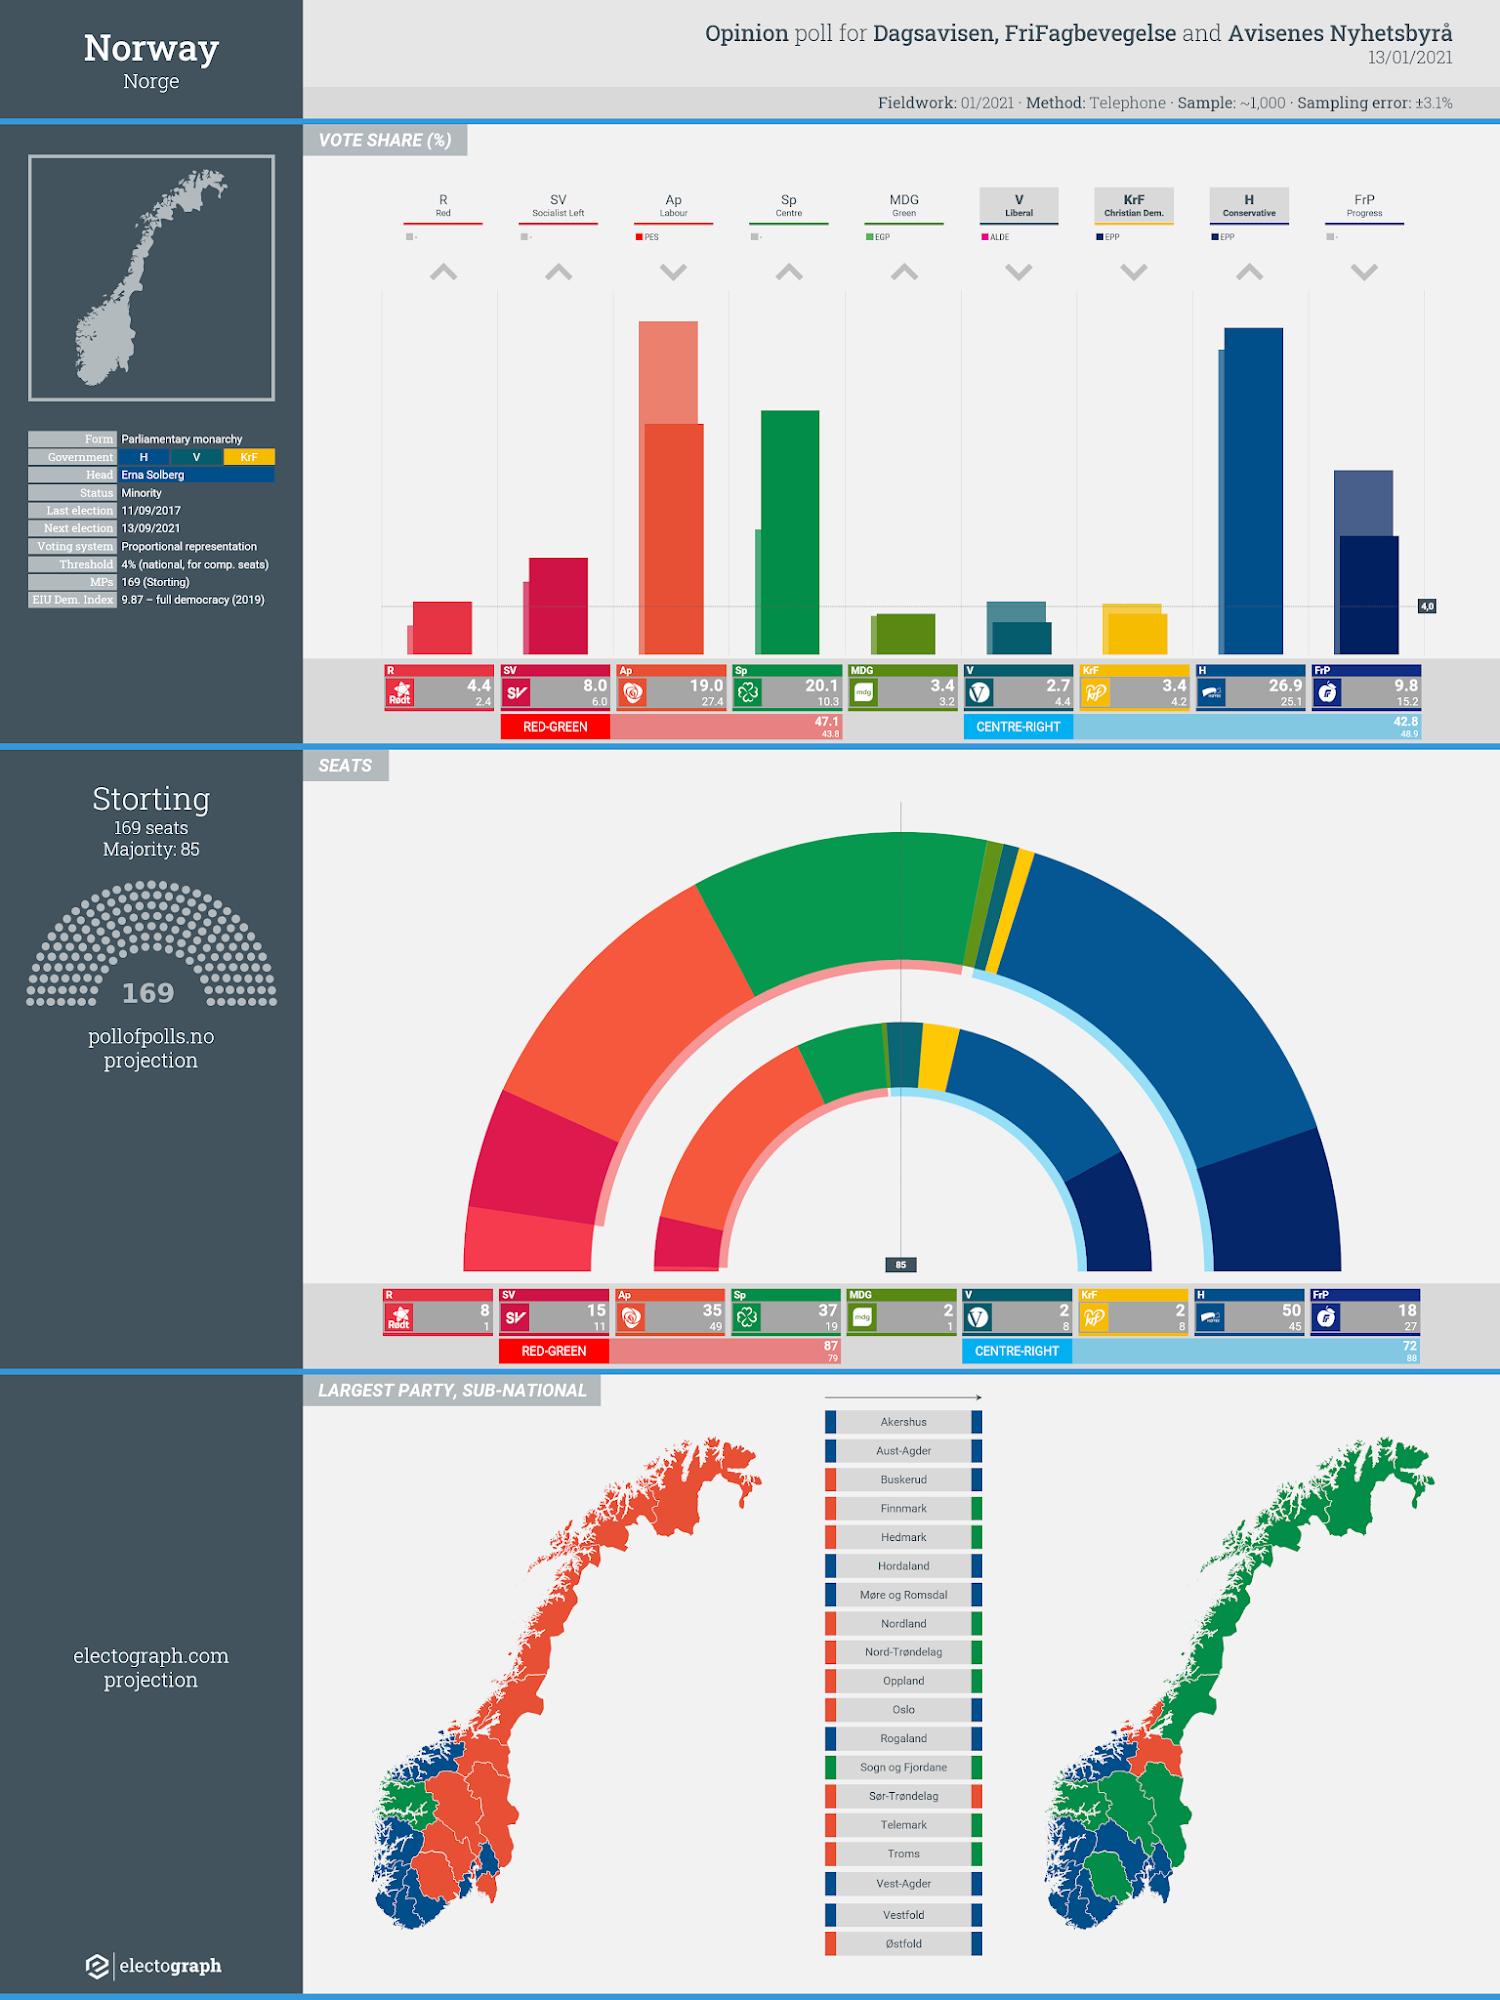 NORWAY: Opinion poll chart for FriFagbevegelse, Dagsavisen and Avisenes Nyhetsbyrå, 13 January 2021